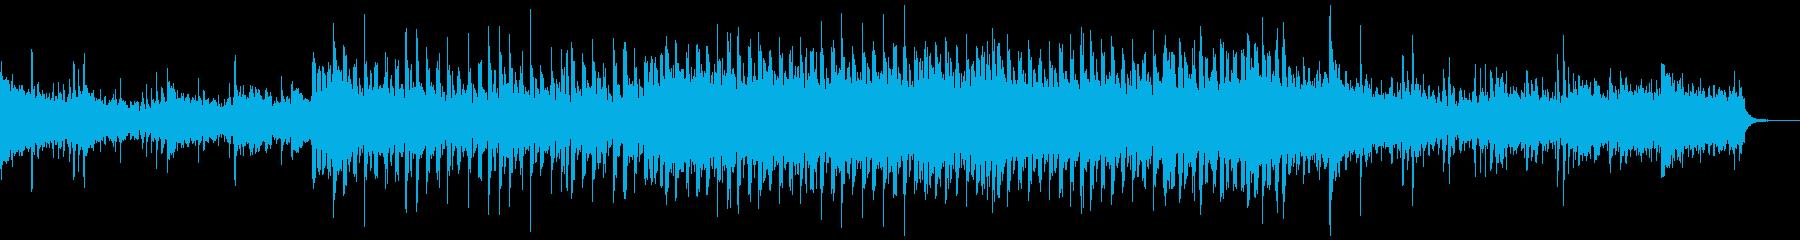 リズミカルで幻想的なテクニカルポップスの再生済みの波形